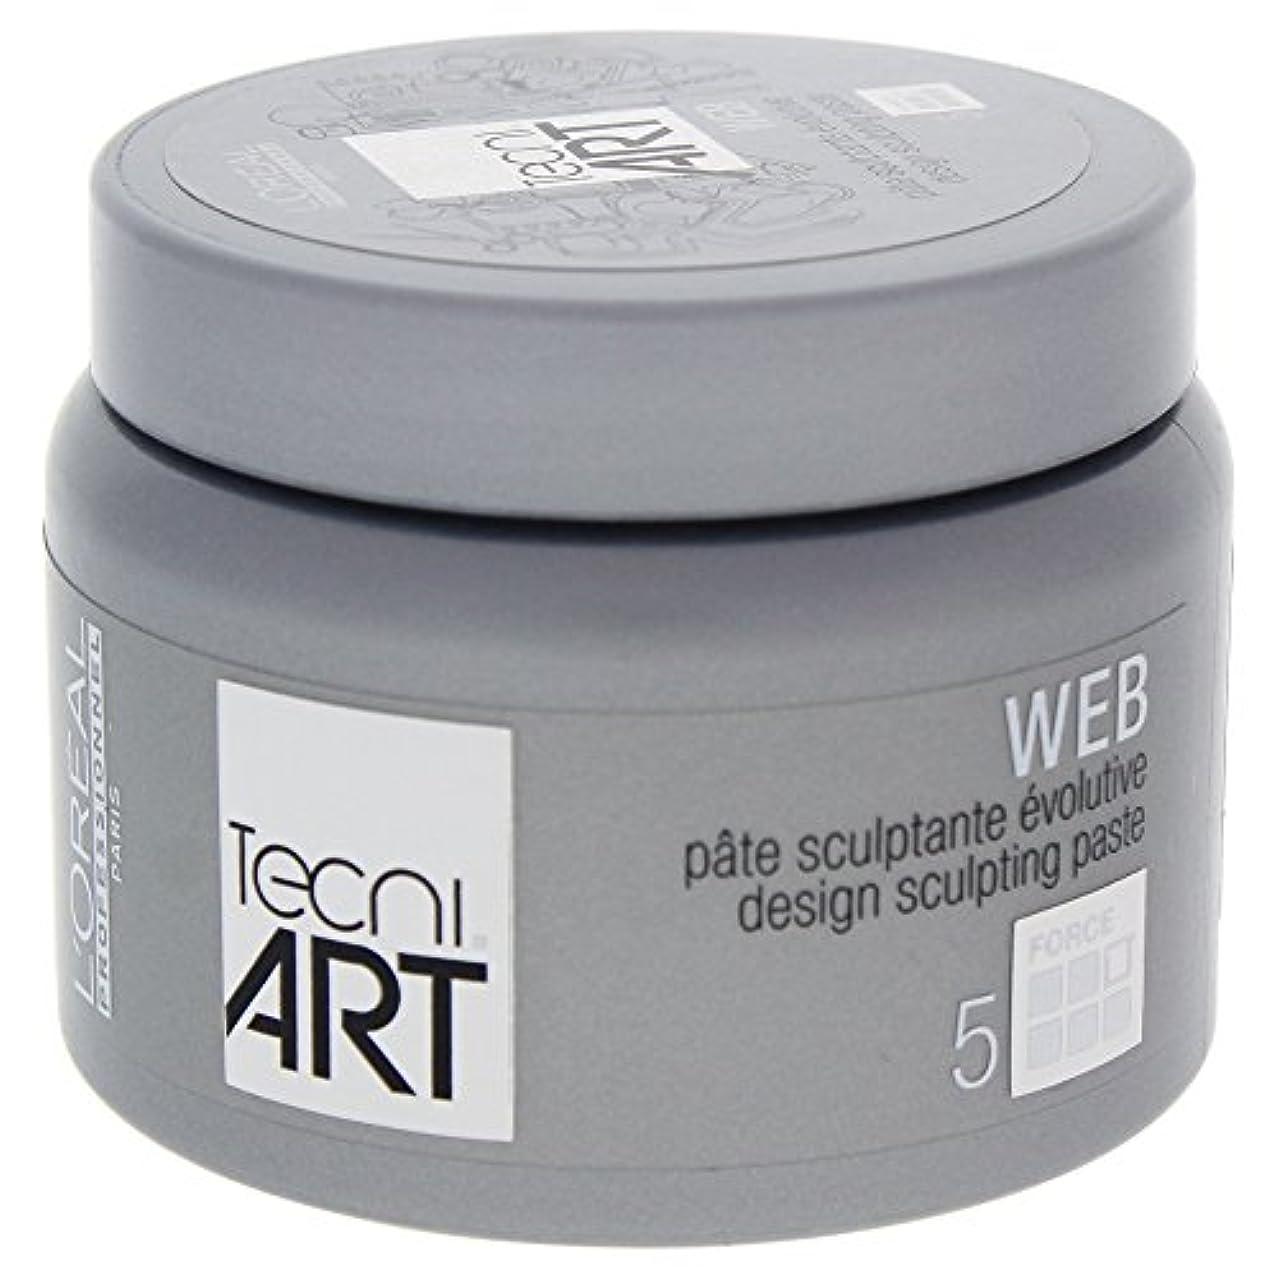 安らぎ数威信ロレアルテクニアートTecni Art Force 5 Web Design Sculpting Paste